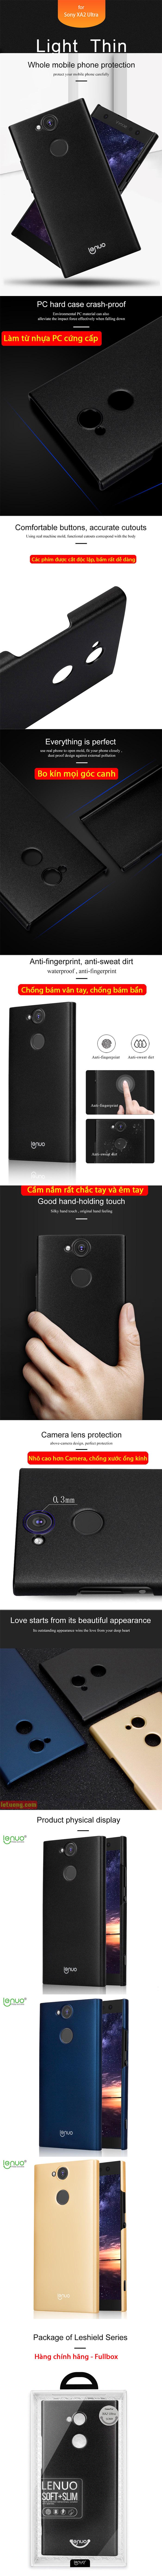 Ốp lưng Sony XA2 Ultra Lenuo Leshield Case siêu mỏng, lưng mịn 4